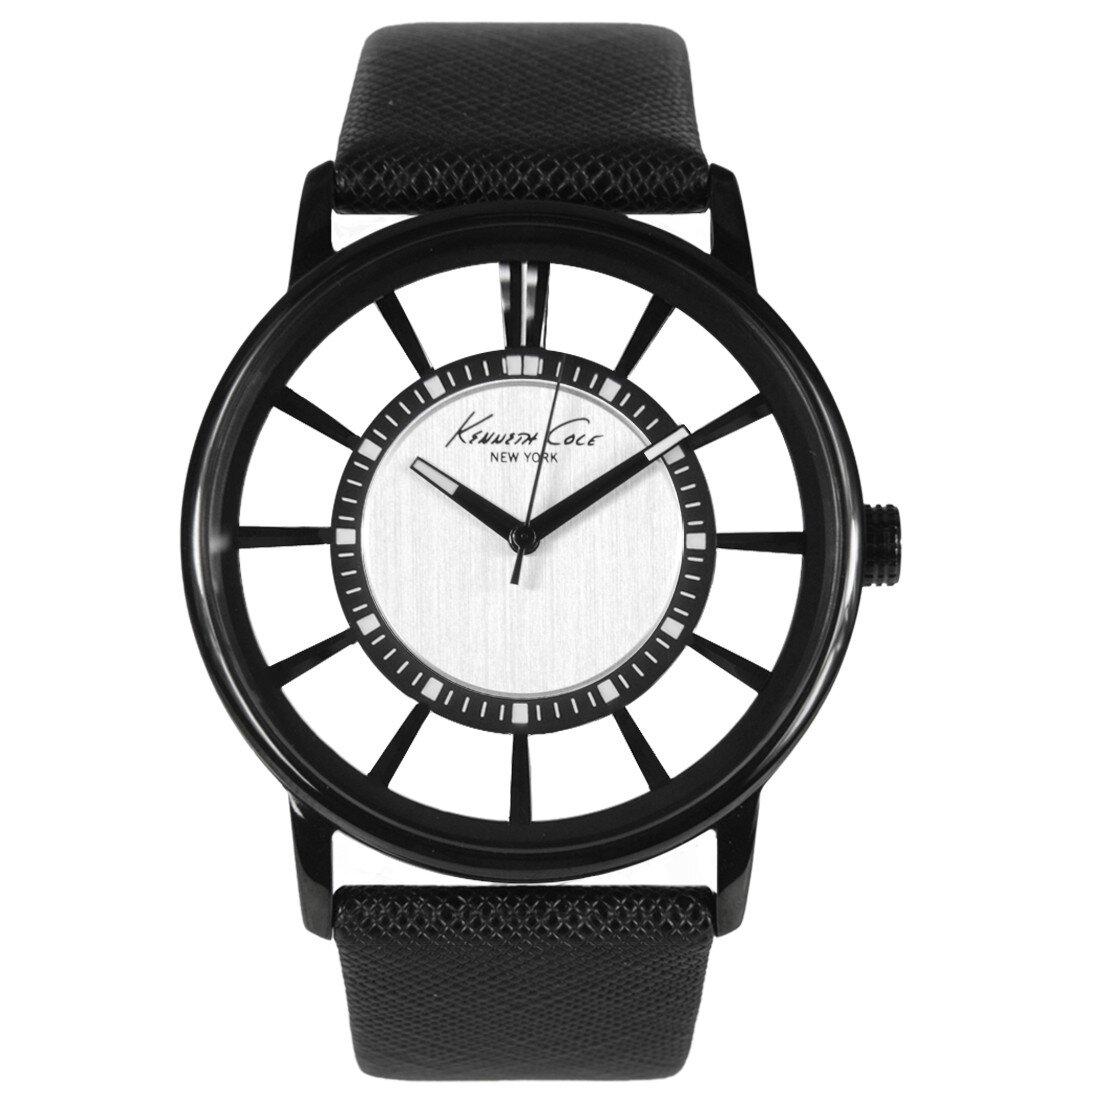 Đồng hồ nam Kenneth Cole KC1752